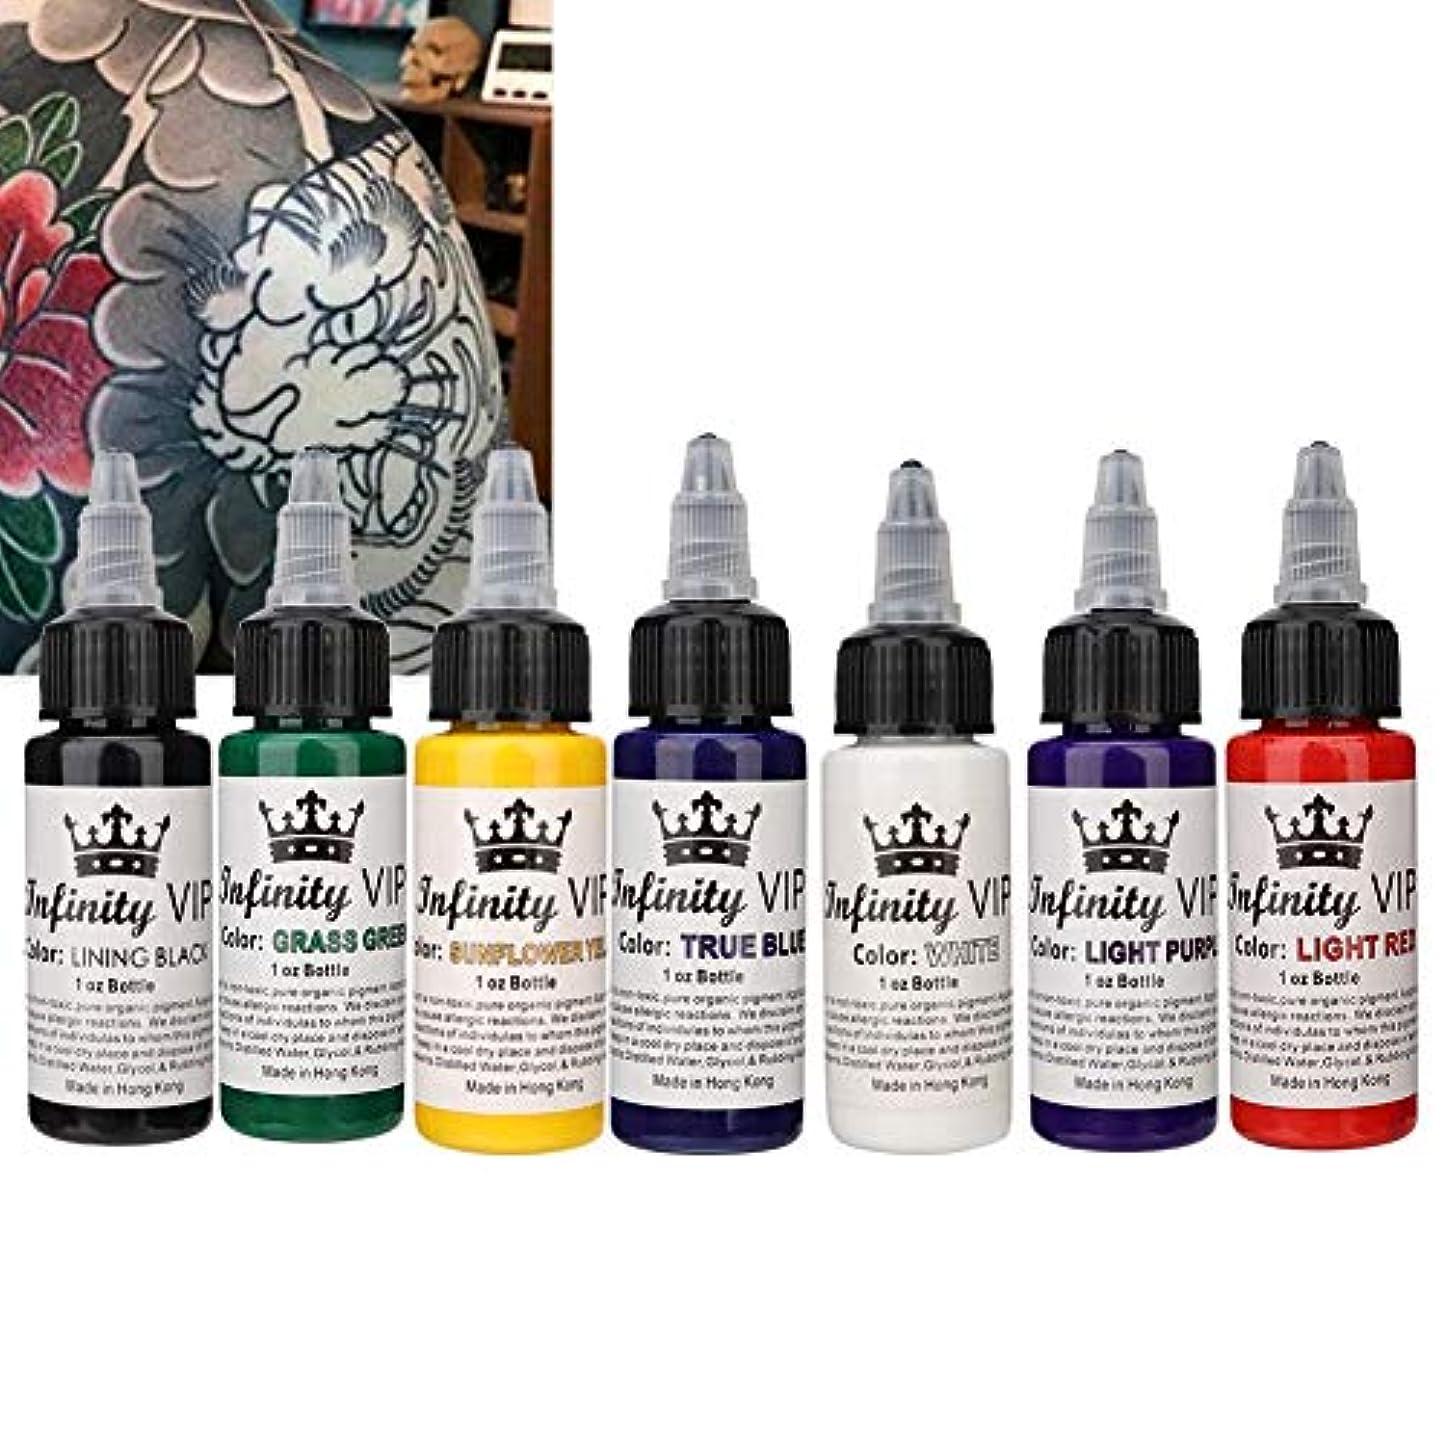 スパン事業時間厳守長持ちするタトゥーピグメントインク、30ml半永久的な簡単な着色タトゥーインク初心者またはタトゥーアーティストが使用するためのアクセサリーツール(7PCS)